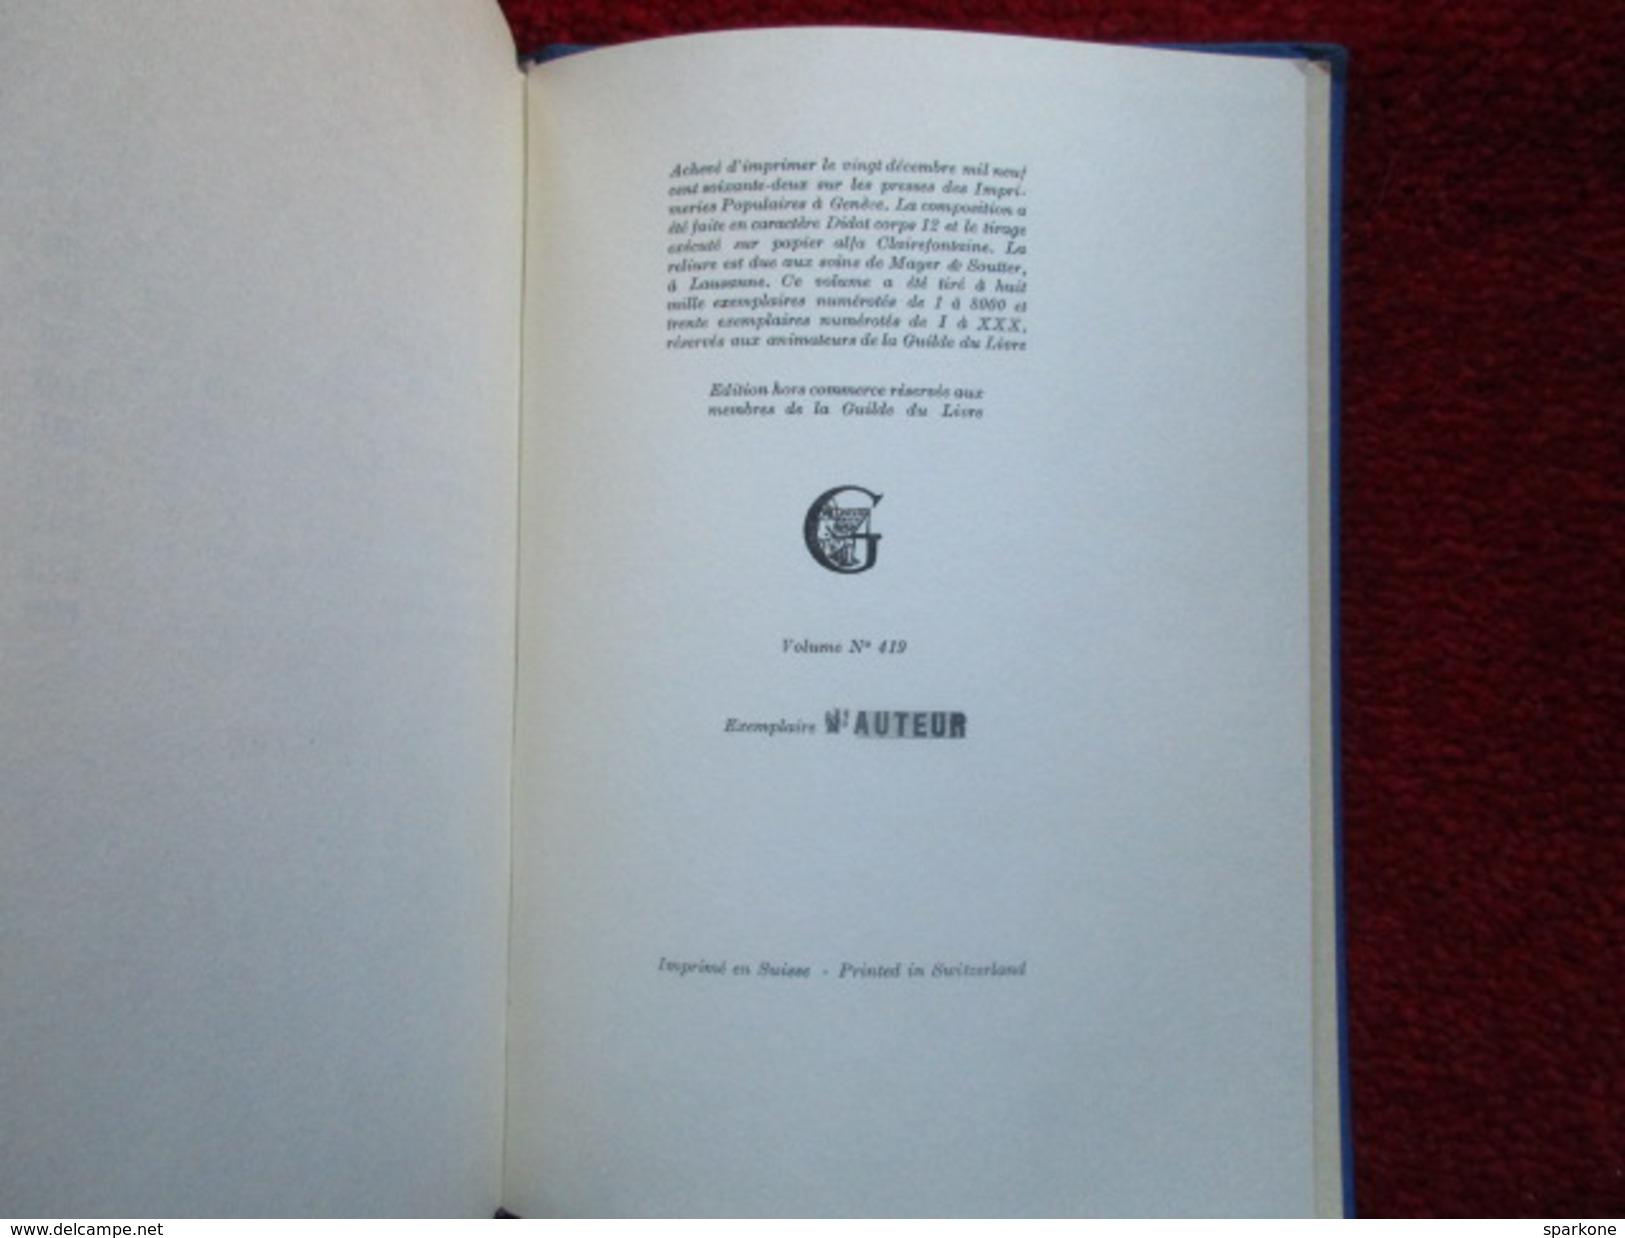 """Changer La Vie """"Mon Enfance Et Ma Jeunesse""""  (Jean Guéhenno)  éditions La Guilde Du Livre De Lausanne De 1972 """"D'auteur"""" - Books, Magazines, Comics"""